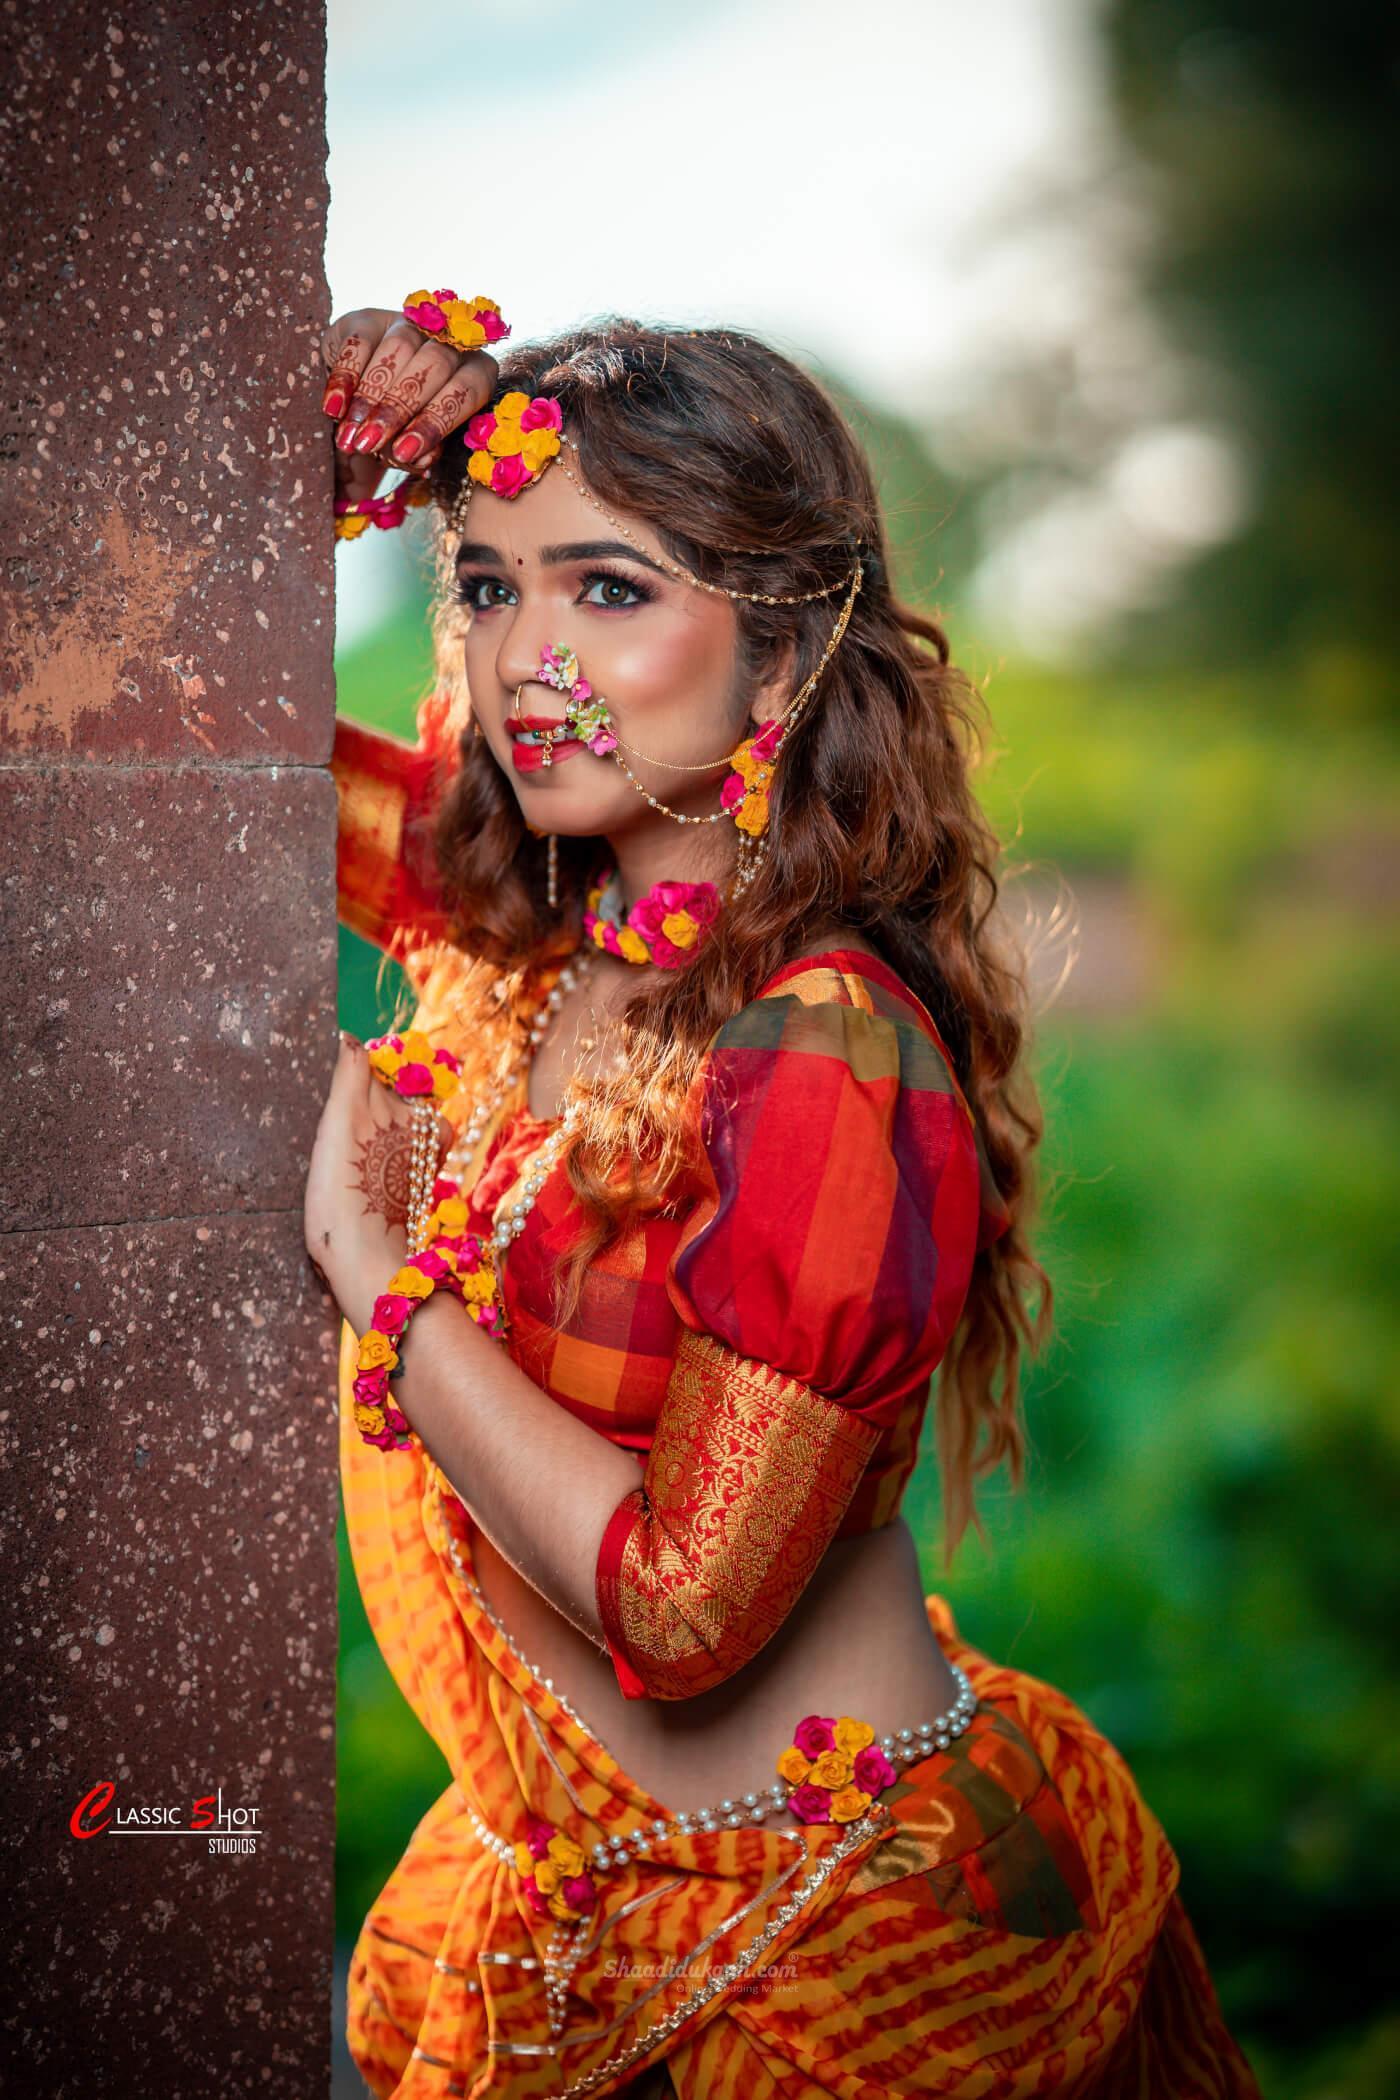 Priya's Makeover